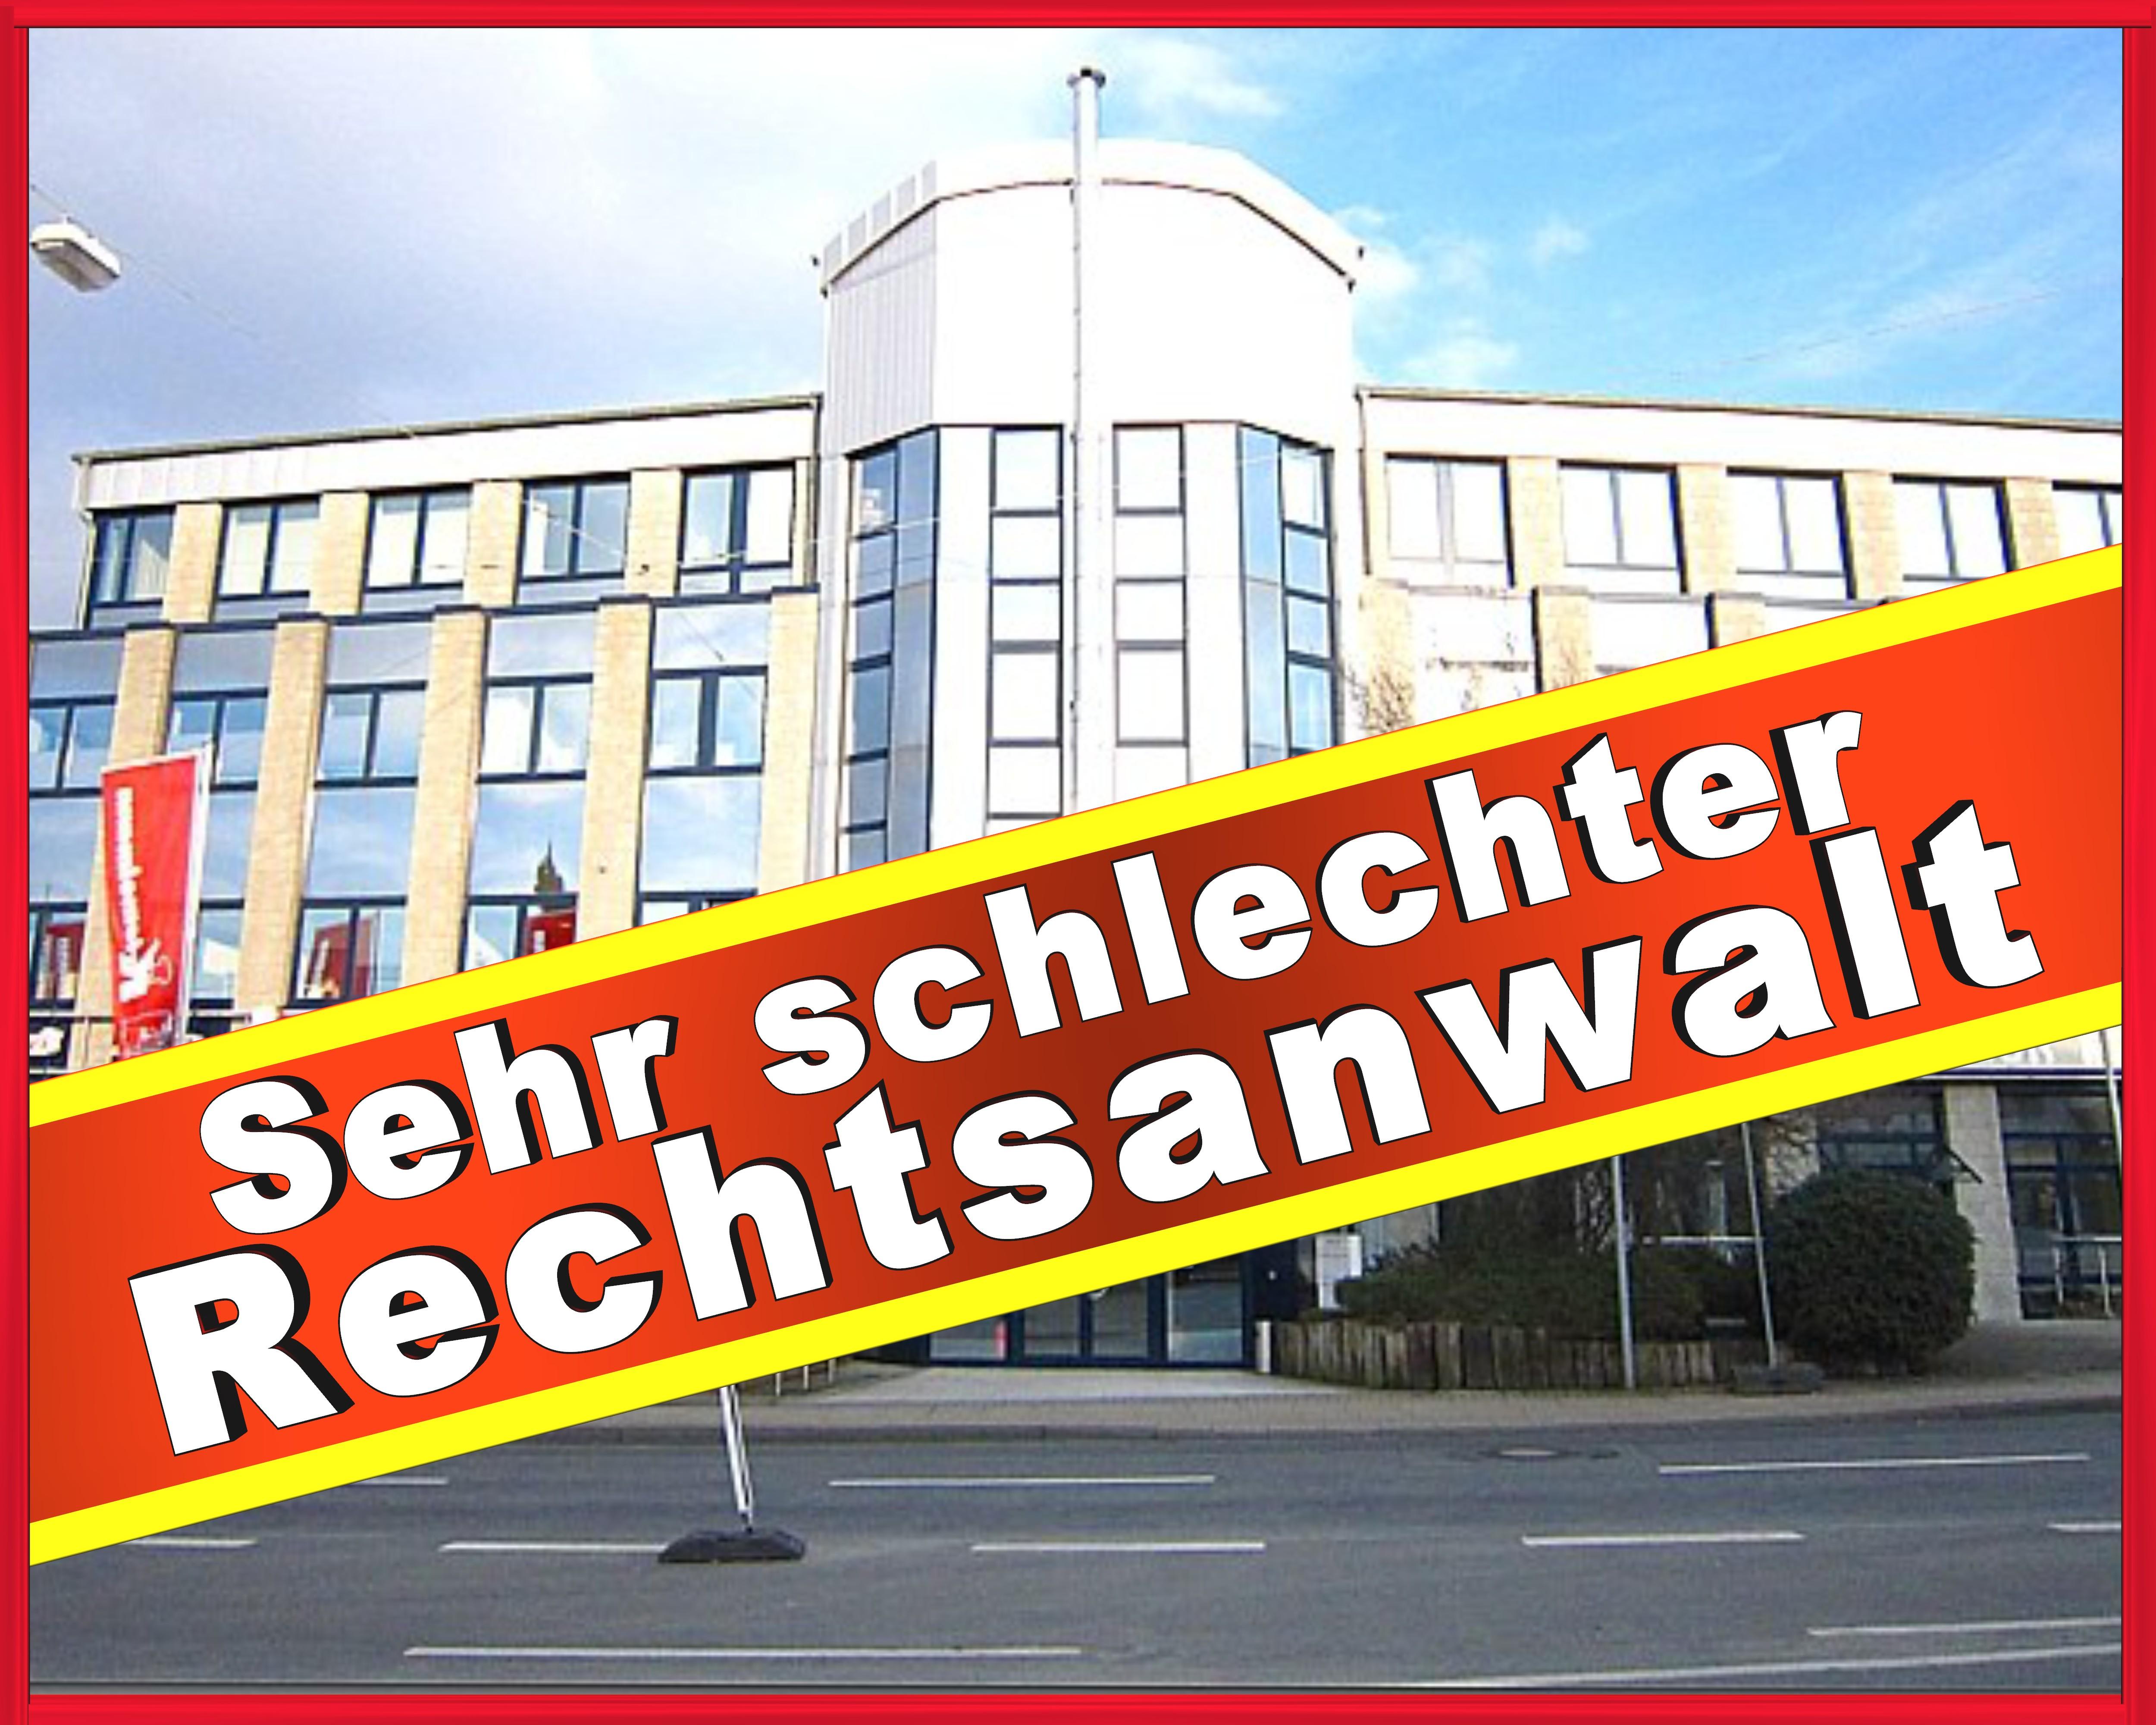 Rechtsanwalt Manfred Gintzel Laux Bielefeld Rechtsanwalt Manfred Gintzel Laux Bielefeld Ulrich Laux Manfred Gintzel Osning-Center Osningstraße 3 33605 Bielefeld